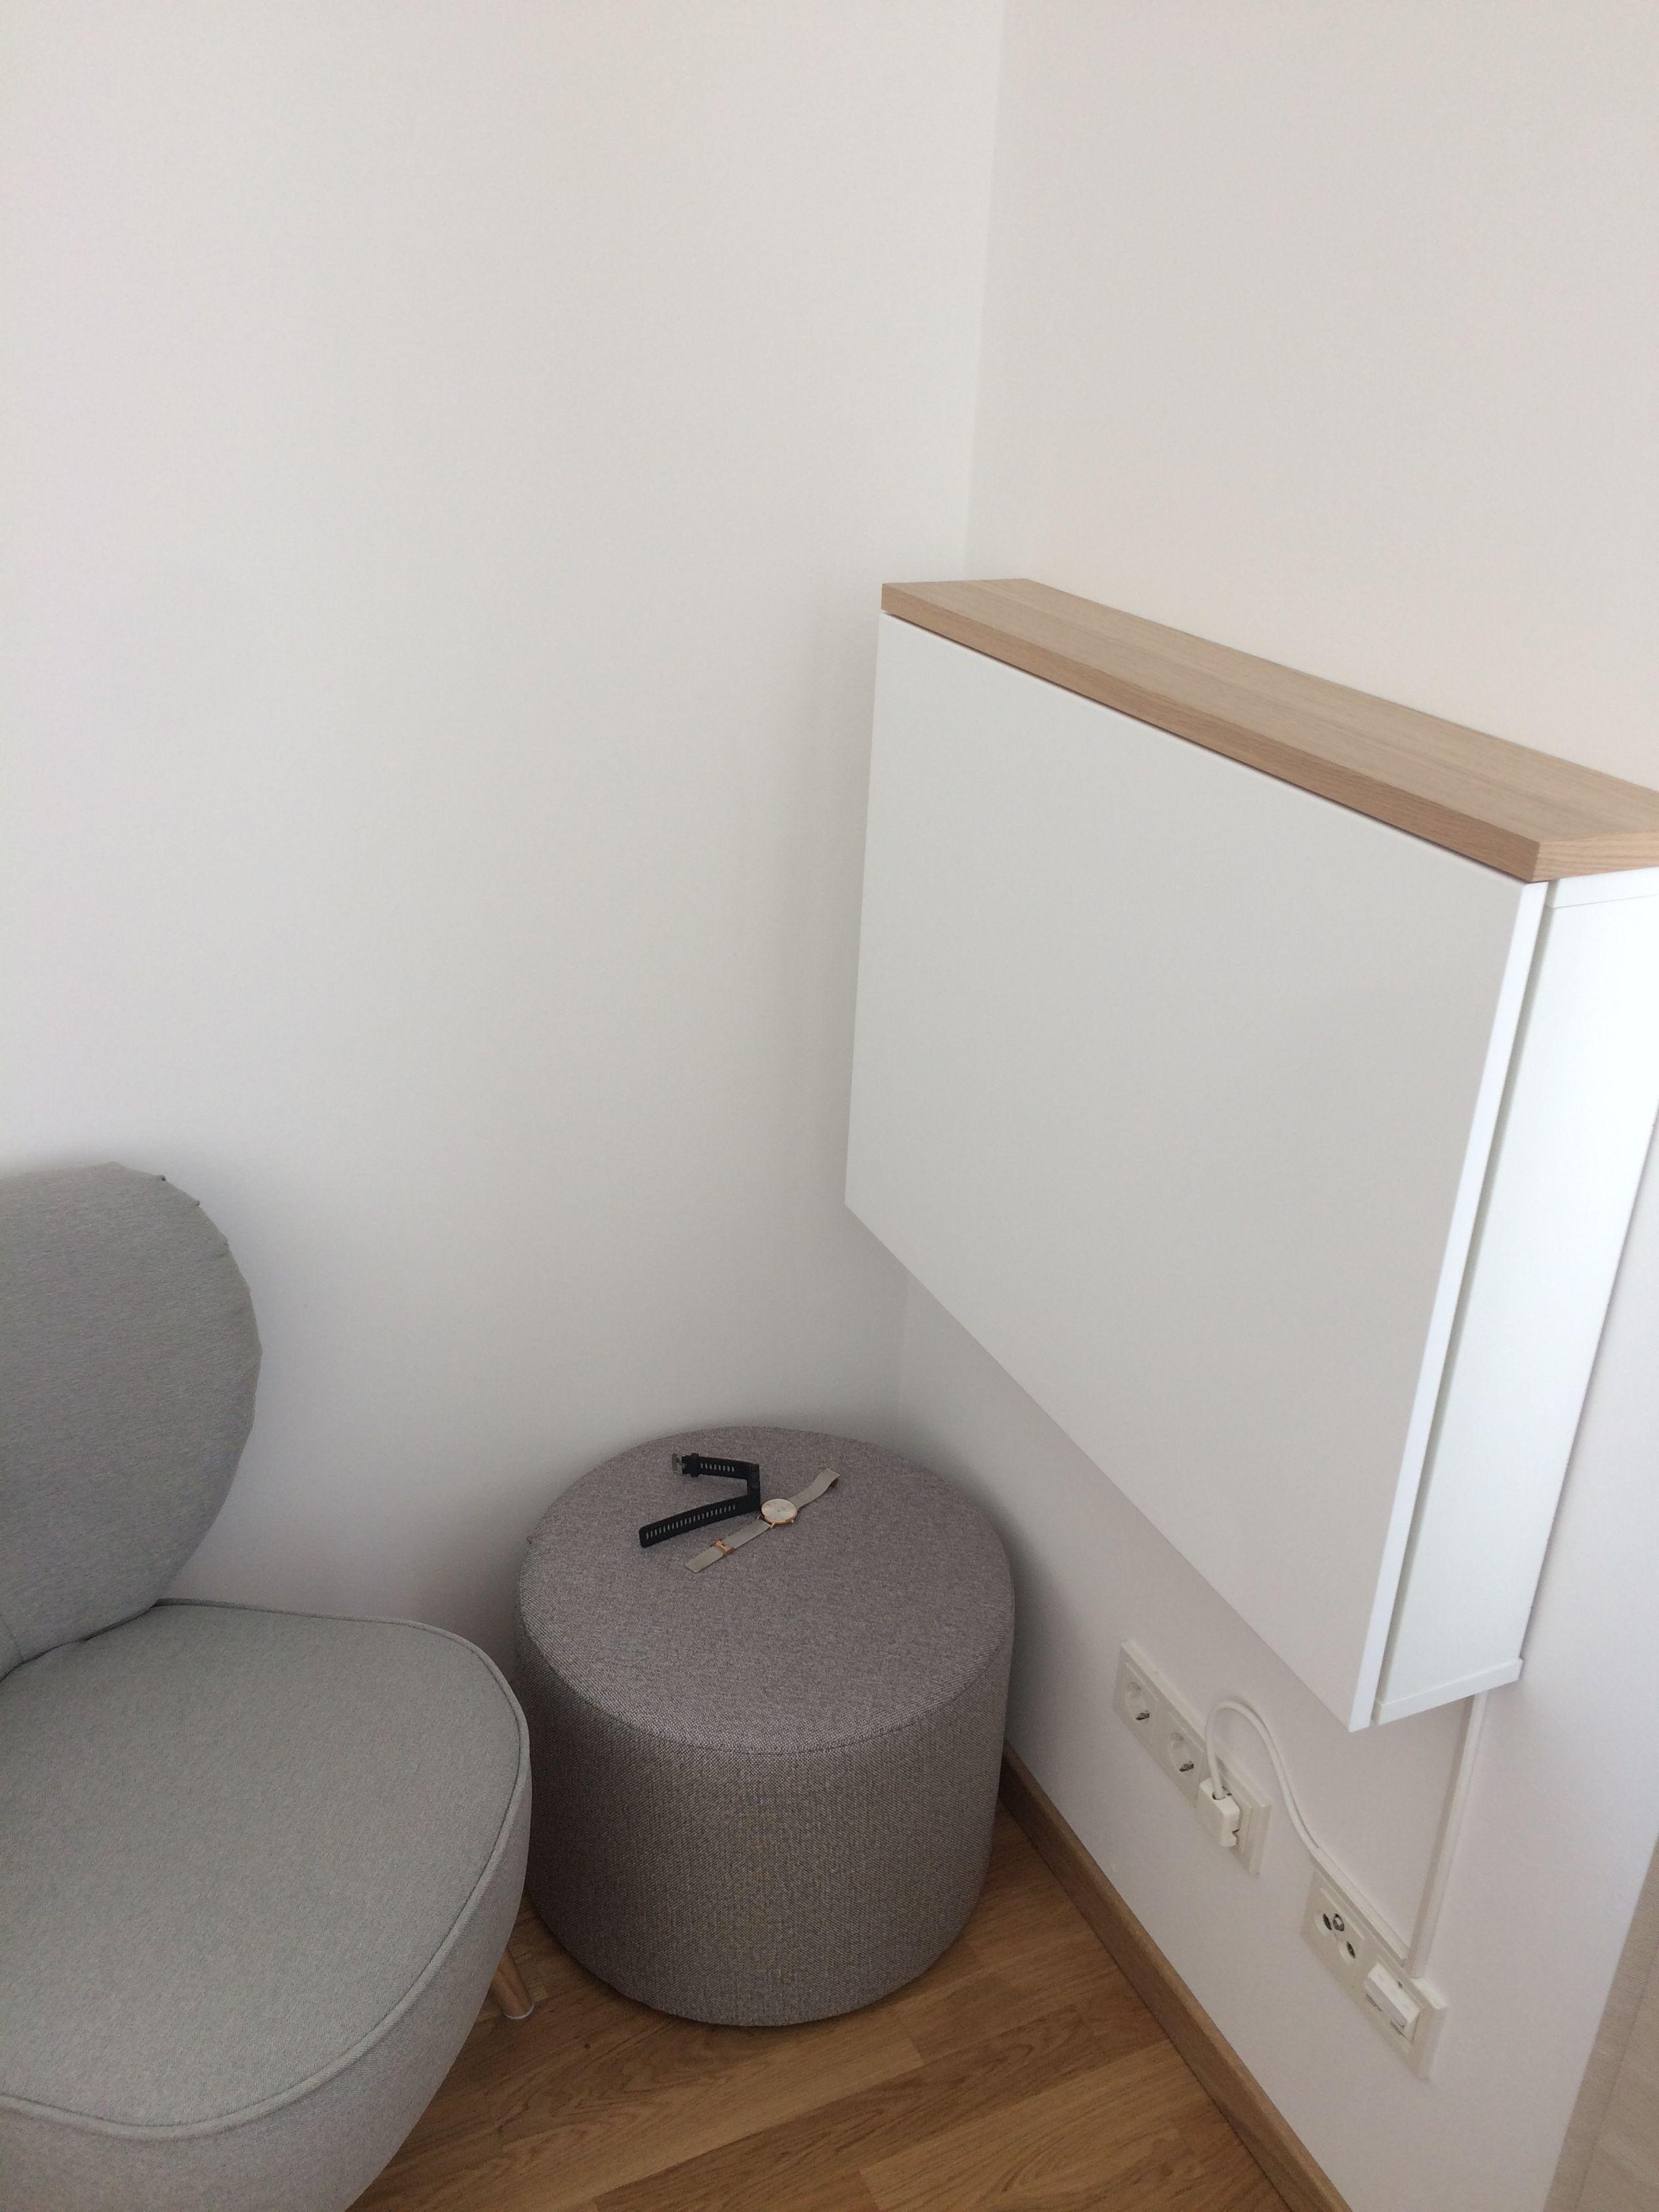 Wandsekretar Flatbox Aus Ikea Method Platzsparende Mobel Schreibtische Fur Kleine Raume Versteckter Schreibtisch